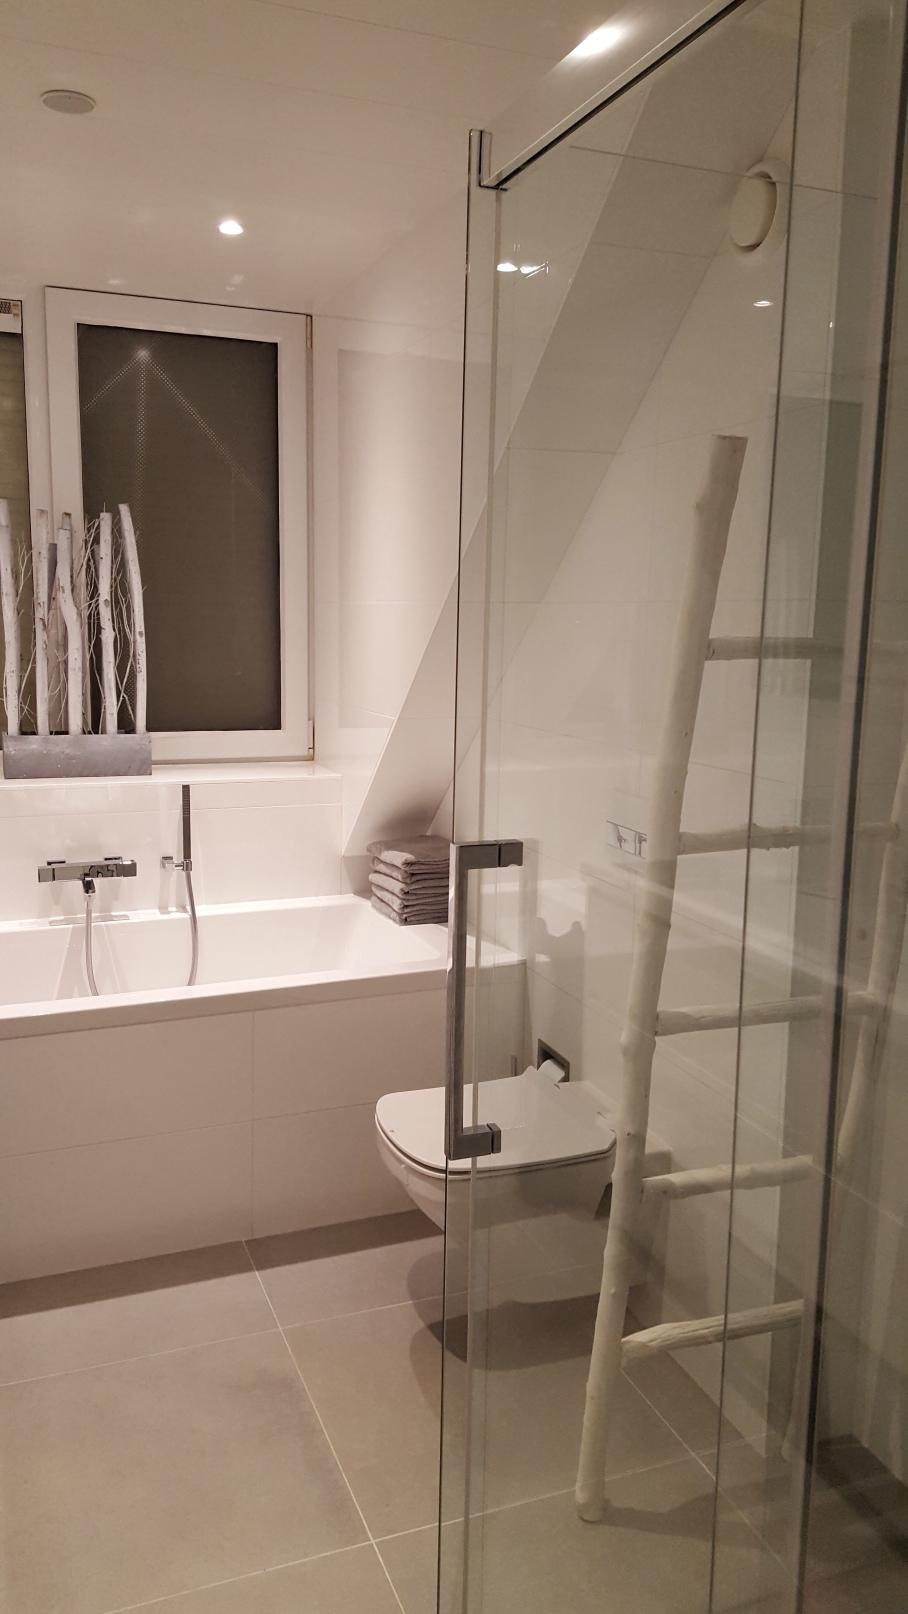 Een trapje in de badkamer. | tips4family.nl 👩 👧 👦